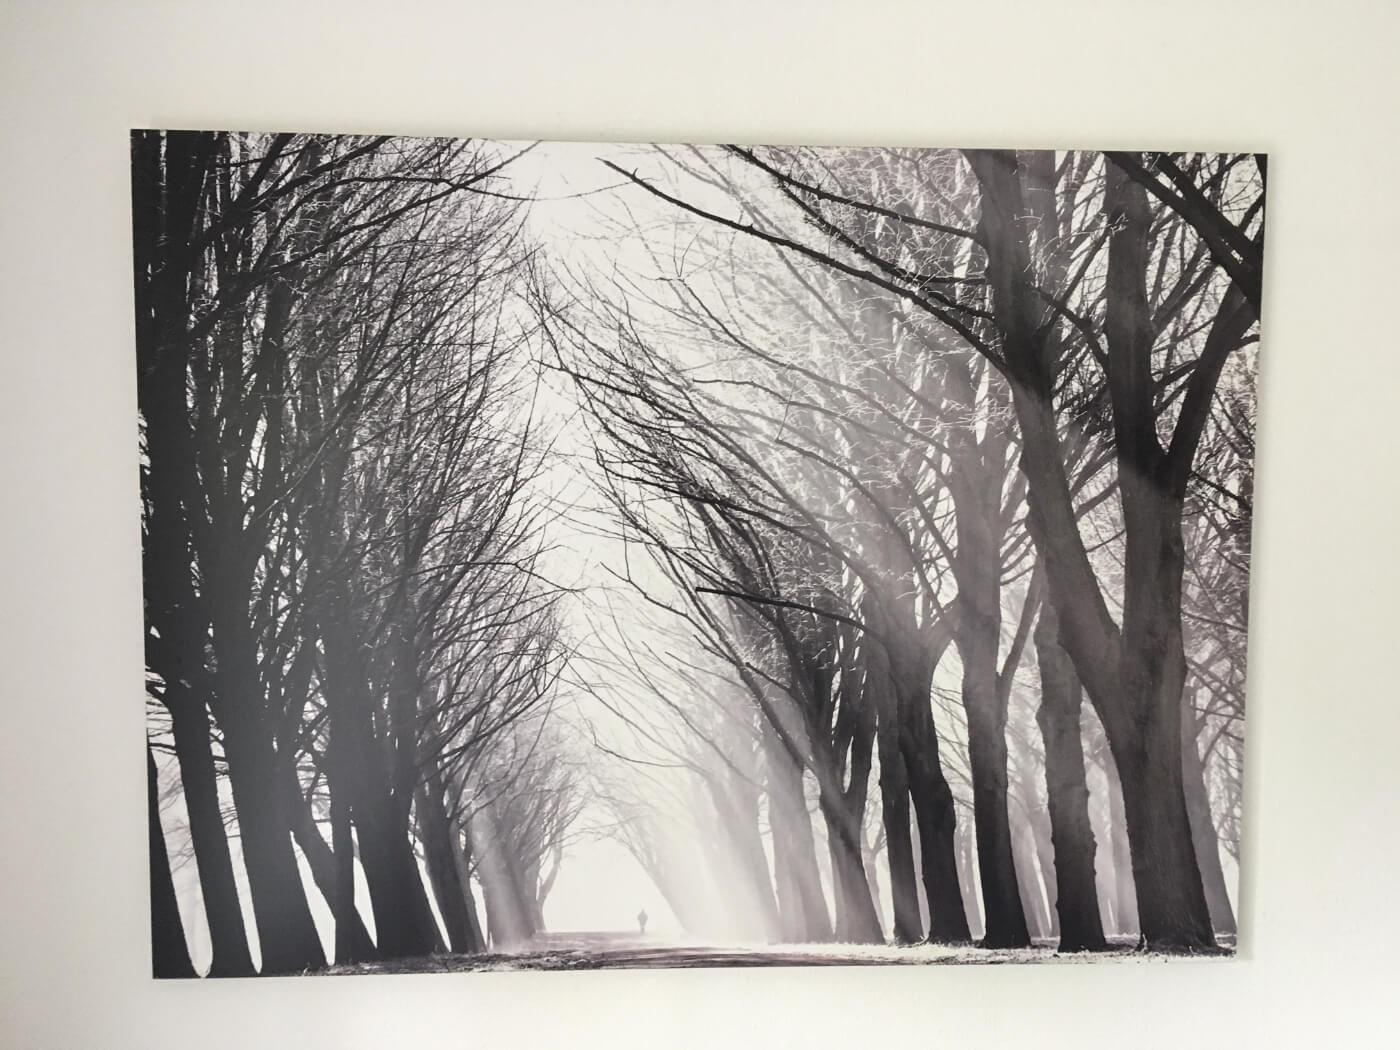 Winter's Grace foto op dibond van € 318 voor € 79